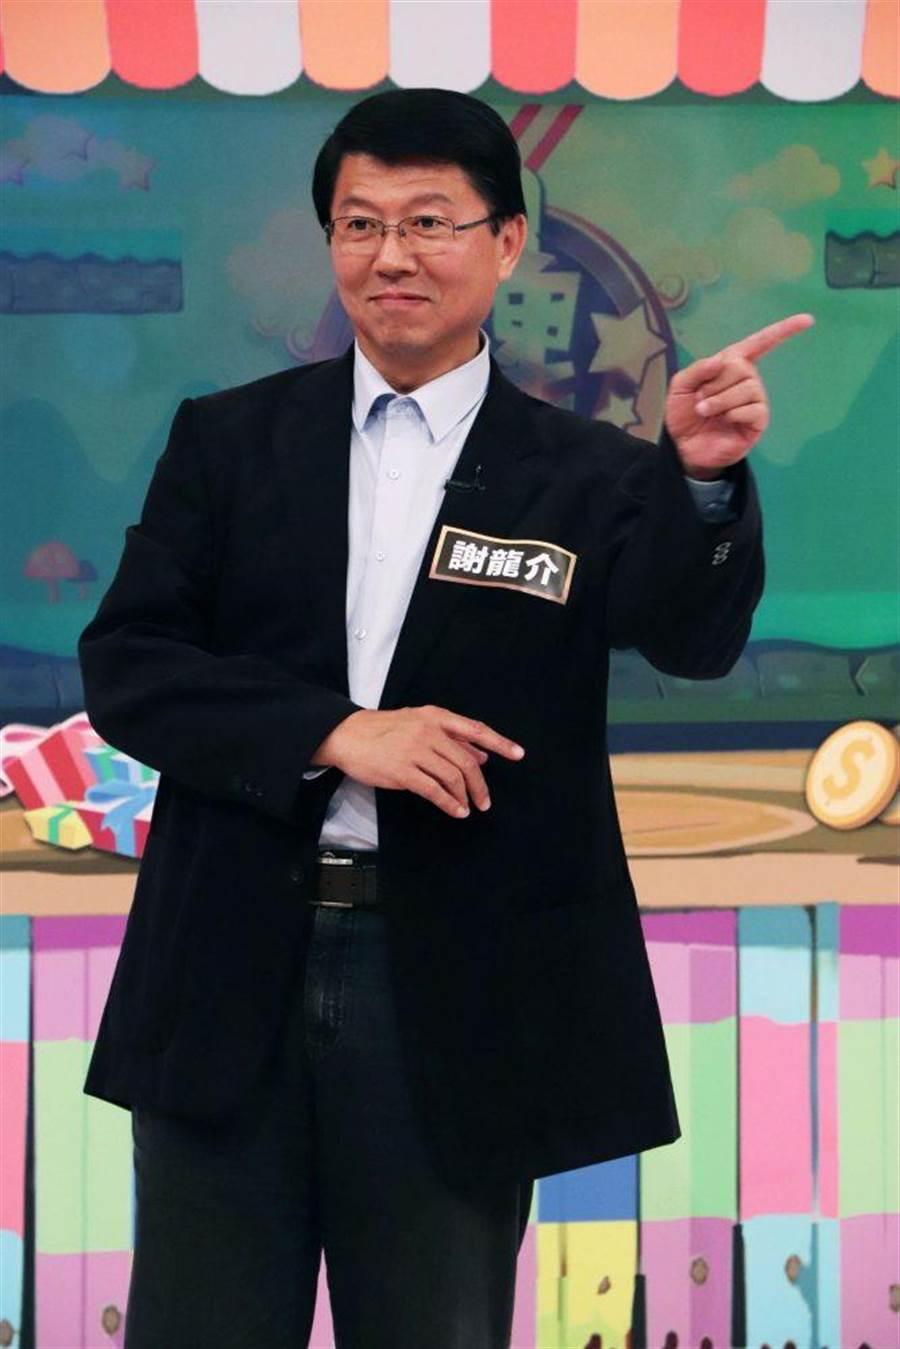 謝龍介擔任《金牌17Q》節目來賓。(中天提供)